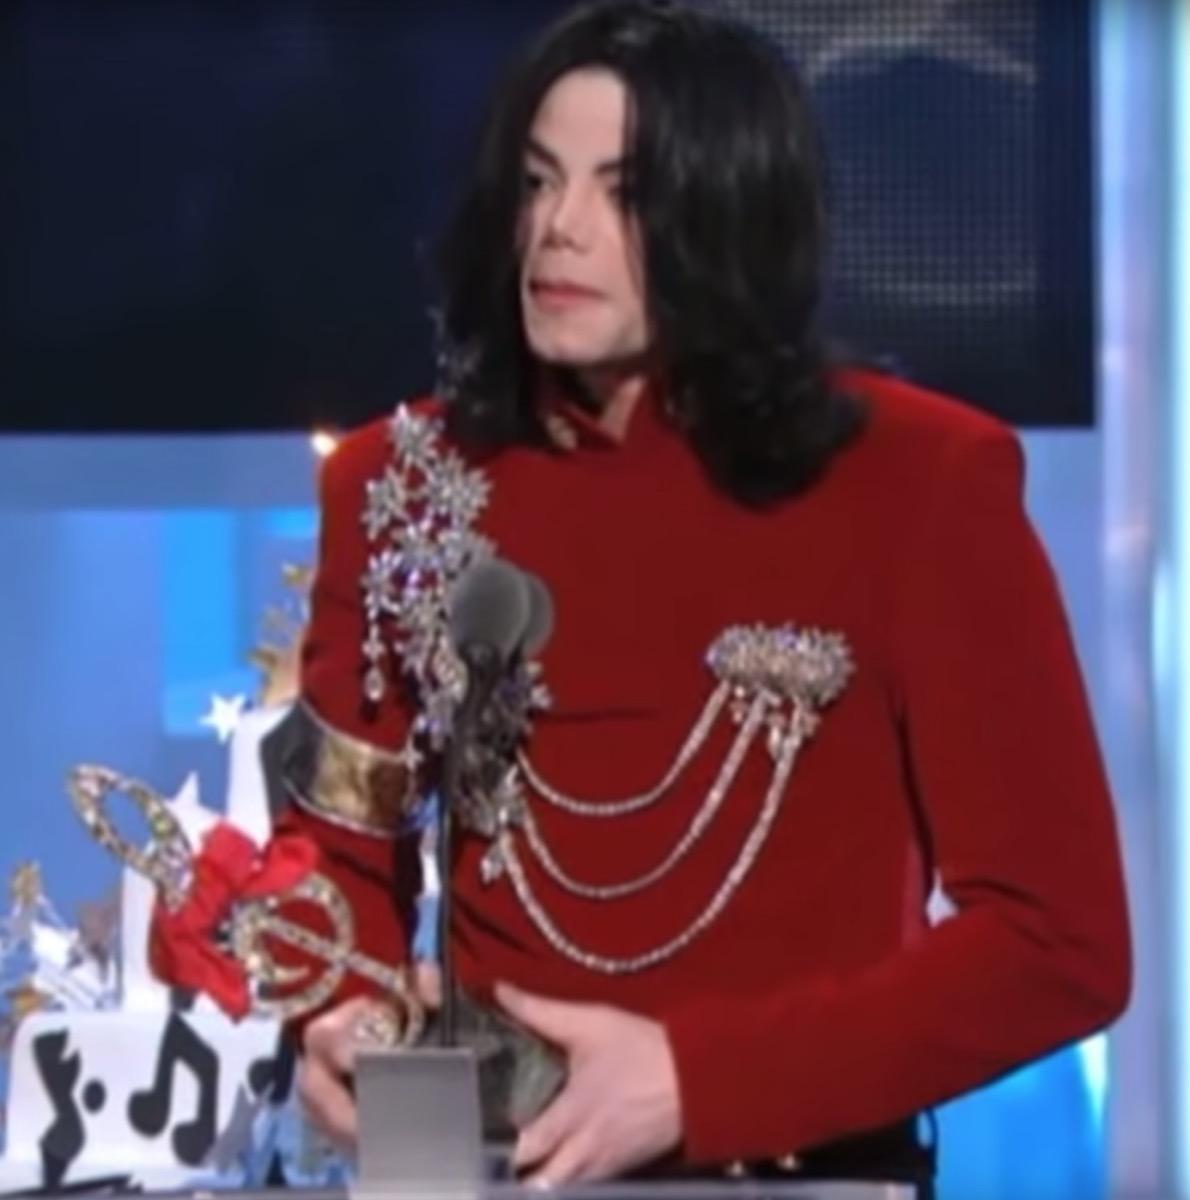 micheal jackson vma awards 2002